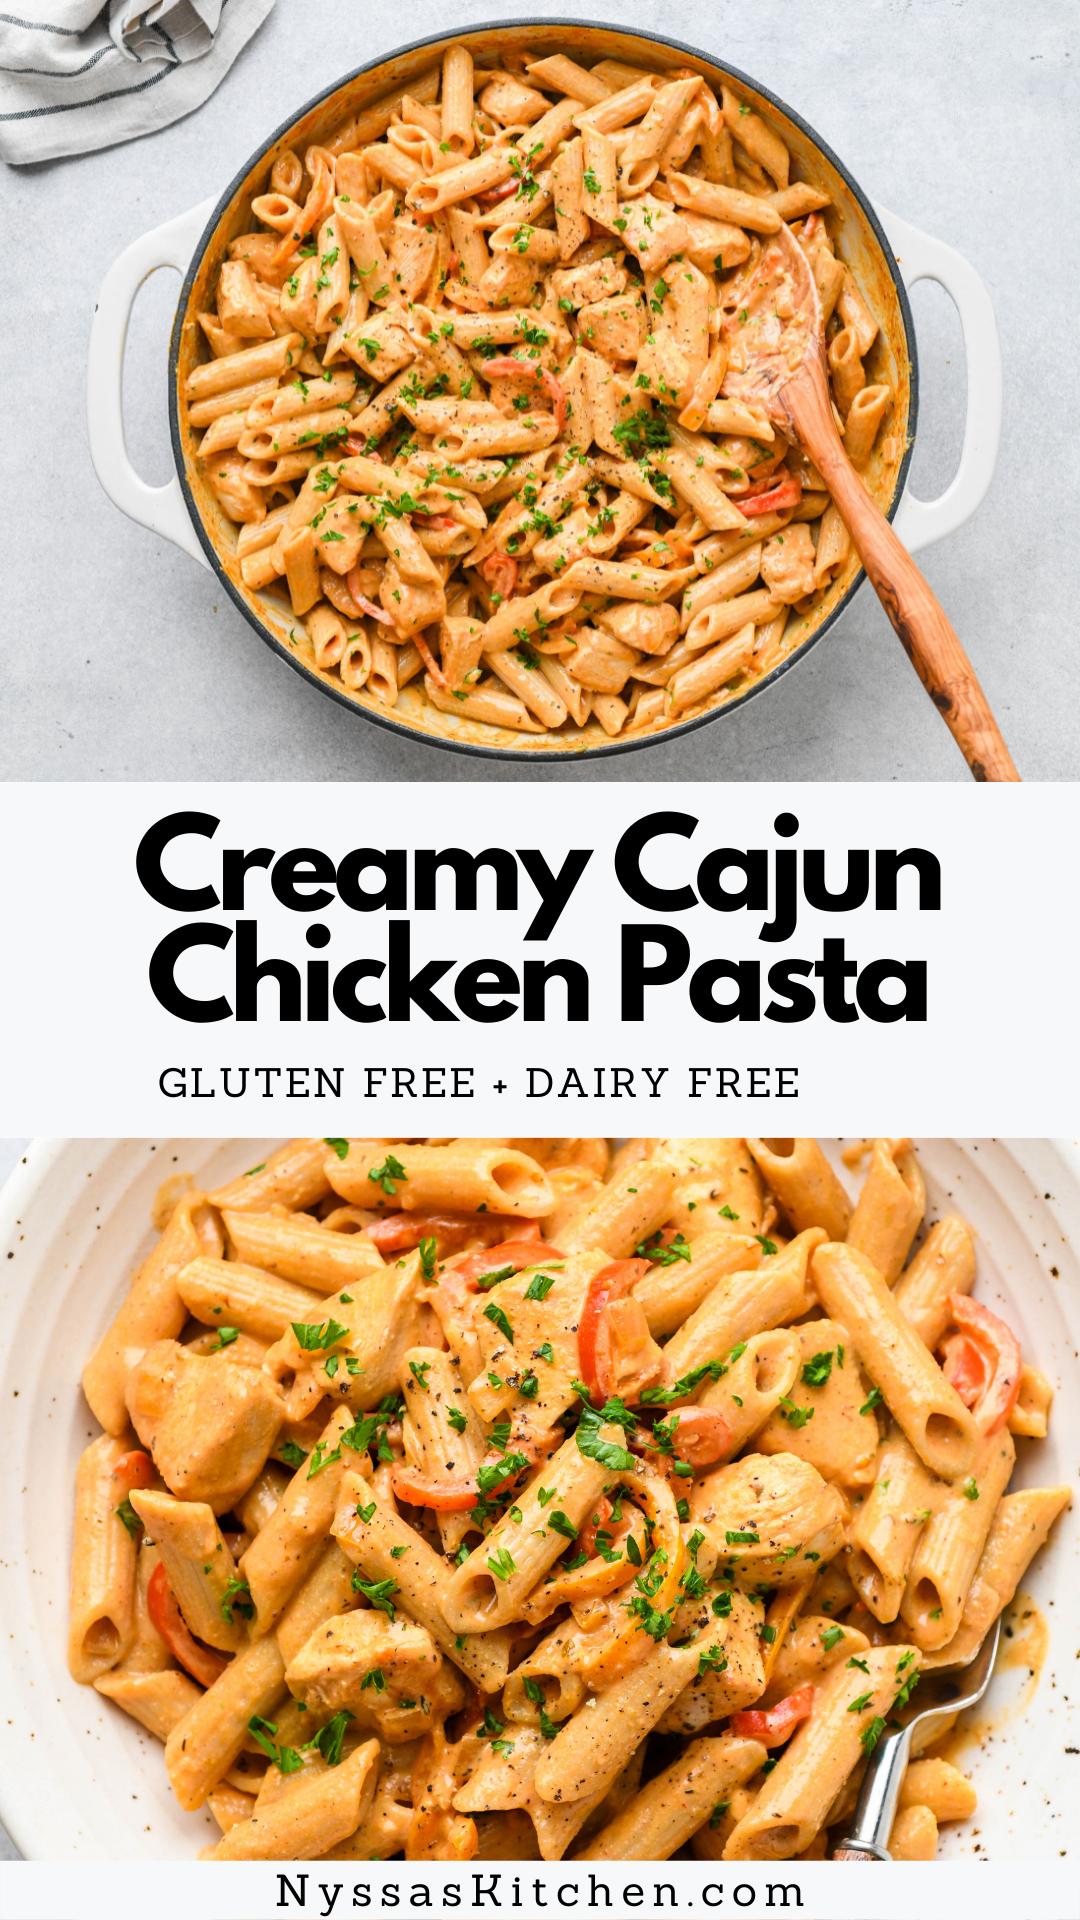 Creamy Cajun Chicken Pasta {gluten free + dairy free}